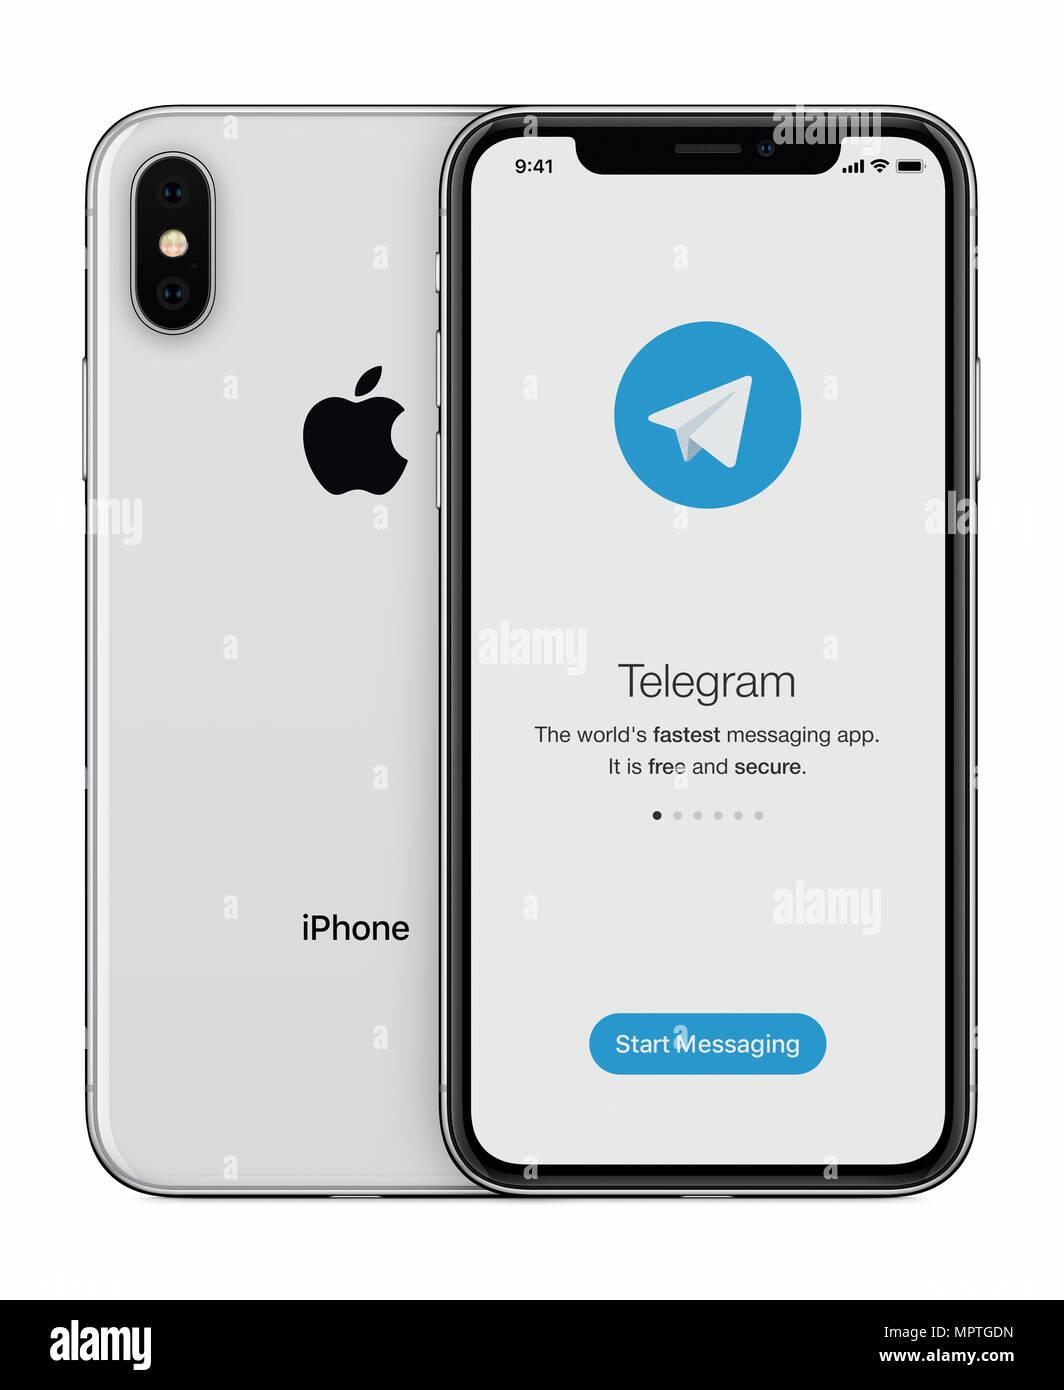 Telegram messenger launch screen with Telegram logo on Apple